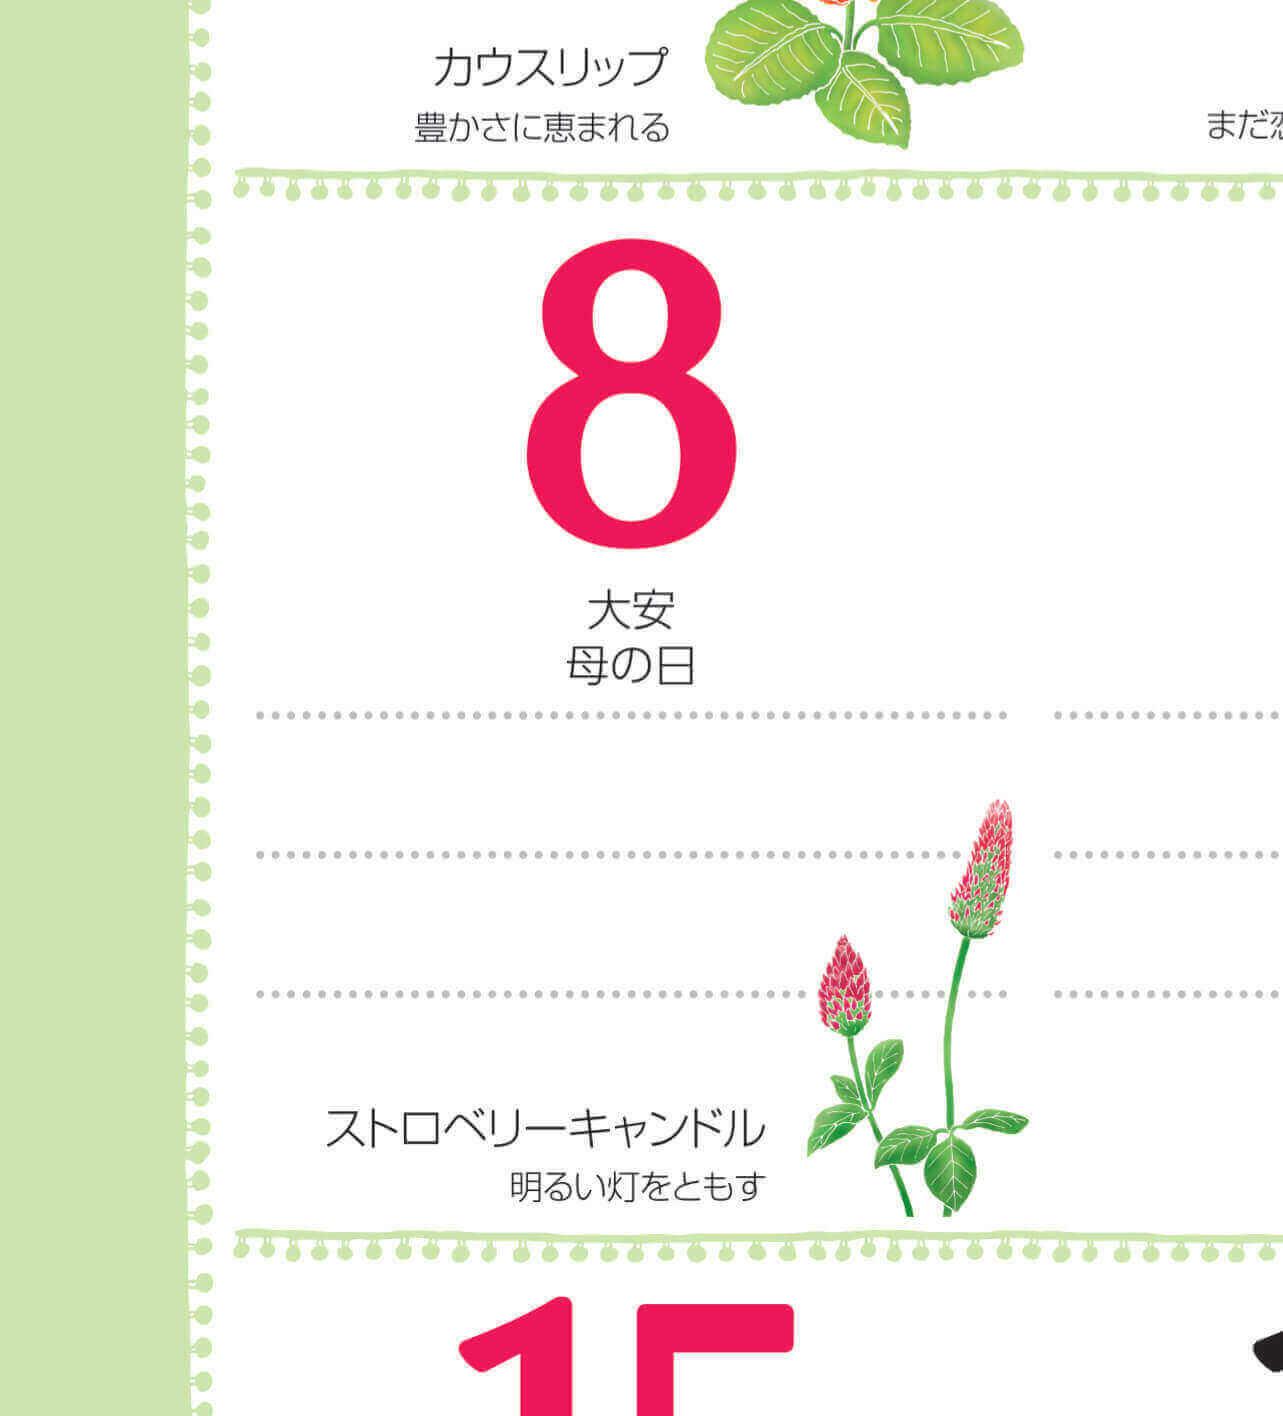 日付部分を拡大 花日記 2022年カレンダーの画像